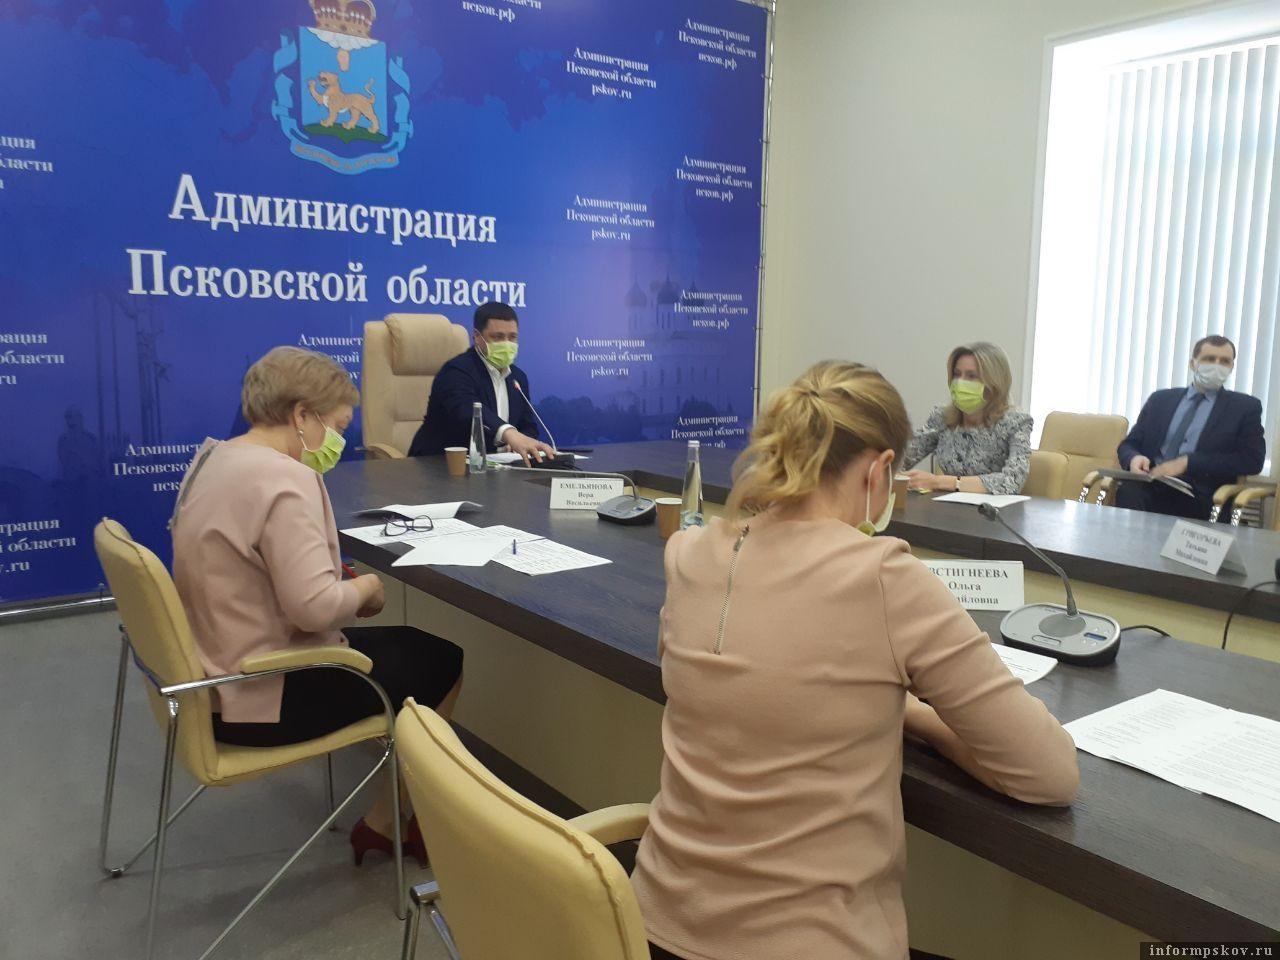 Более 5800 пособий по временной нетрудоспособности получили жители Псковской области. Фото ПАИ.